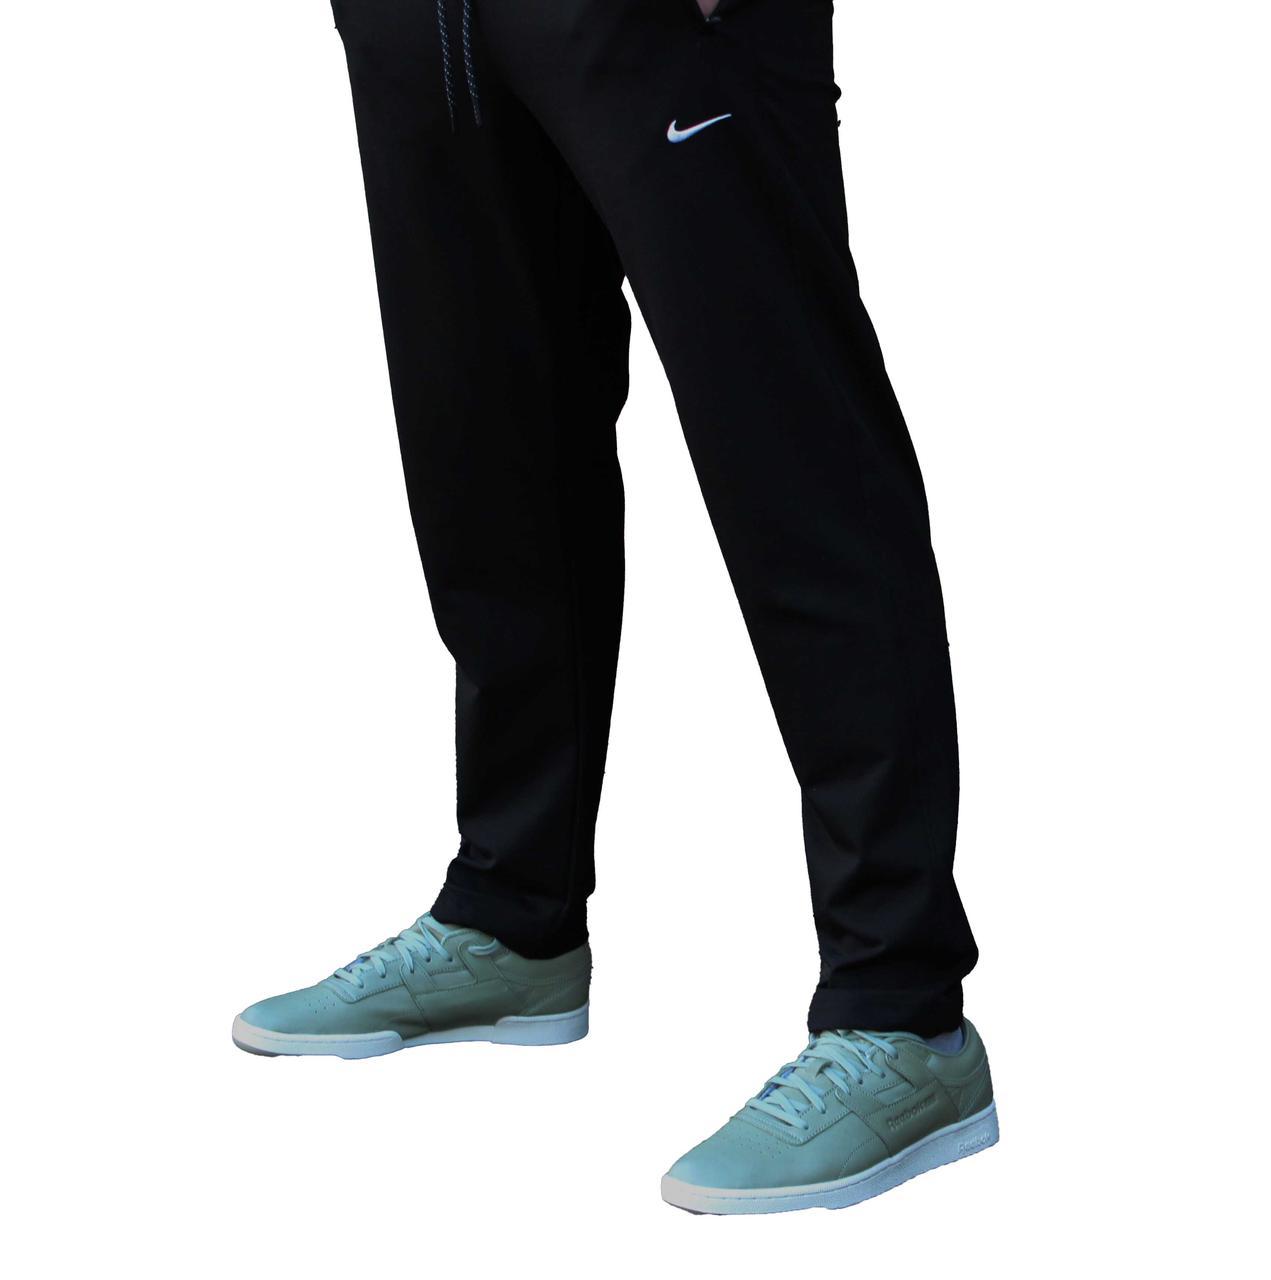 Мужские черные трикотажные штаны прямые (Реплика)